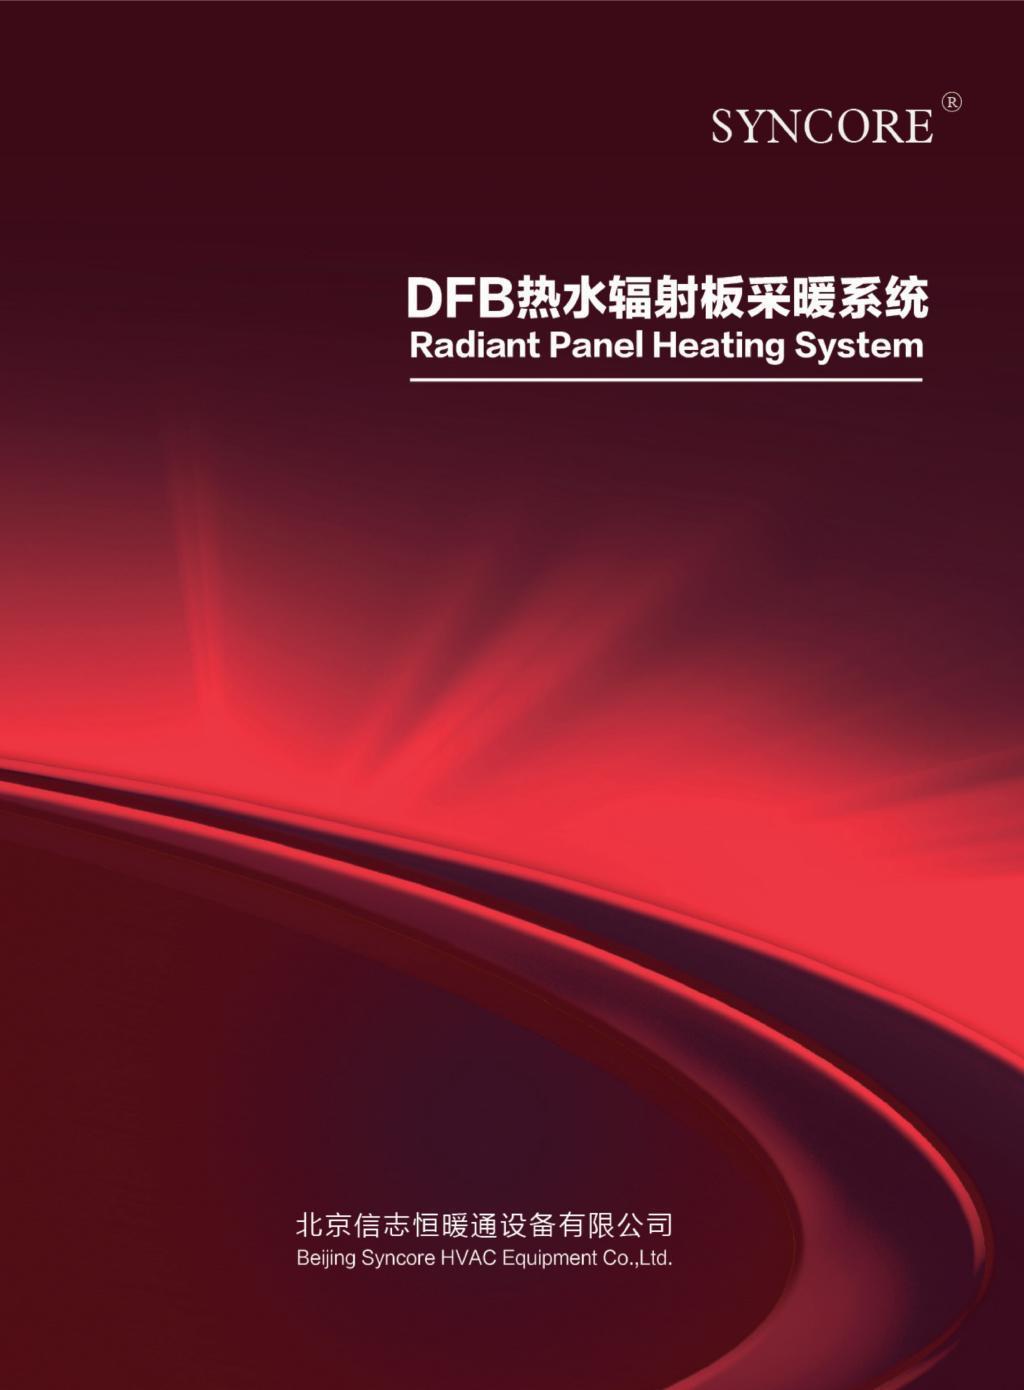 SYNCORE红外辐射板采暖系统2019版-1